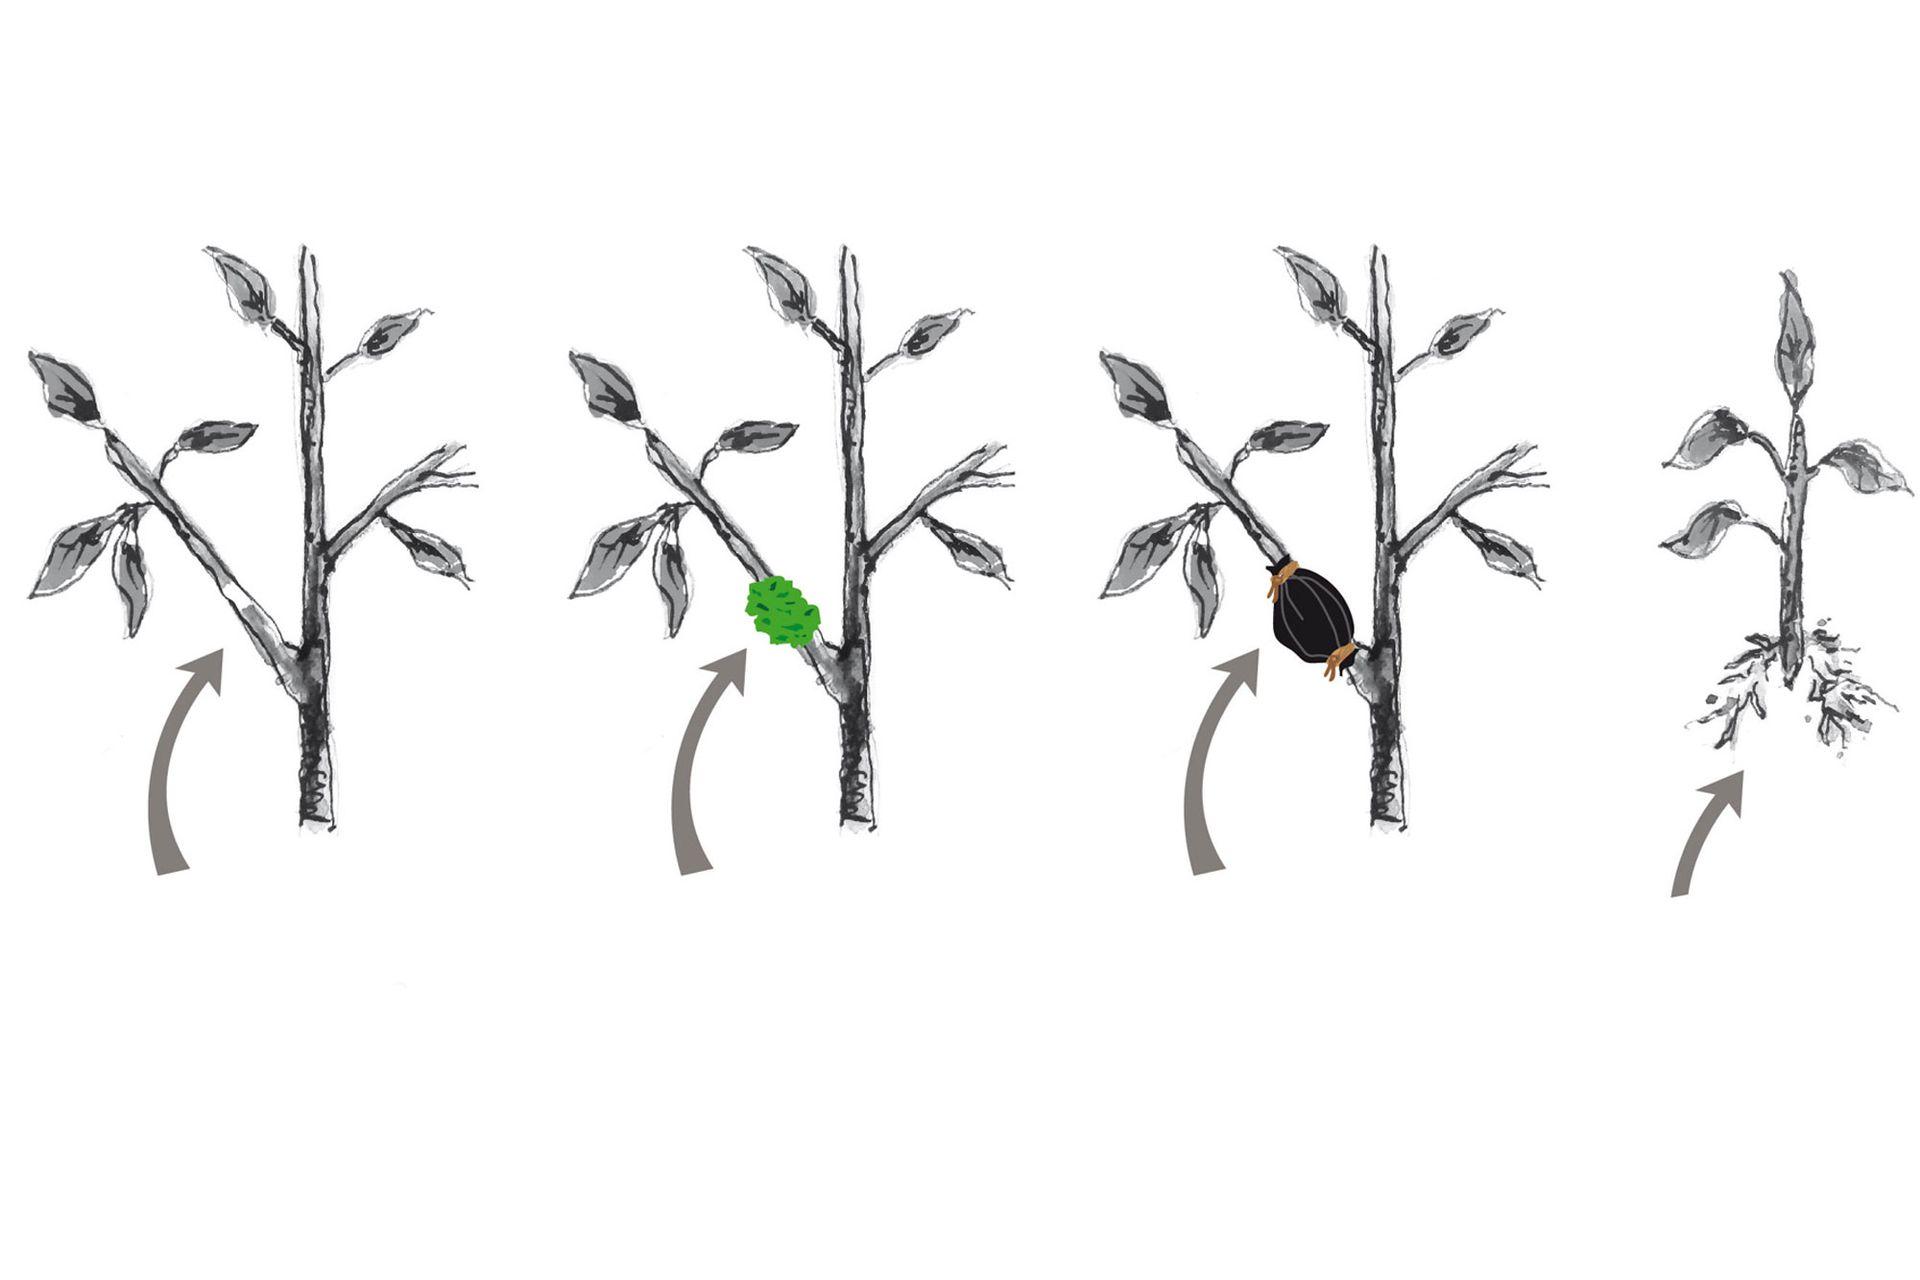 Los pasos a seguir: 1) Realizar la extracción de un anillo de corteza. 2) Cubrir con musgo sphagnum o turba humedecida. 3) Envolver con polietileno transparente y luego con uno negro. 4) Cuando enraíza, separar de la planta donante.